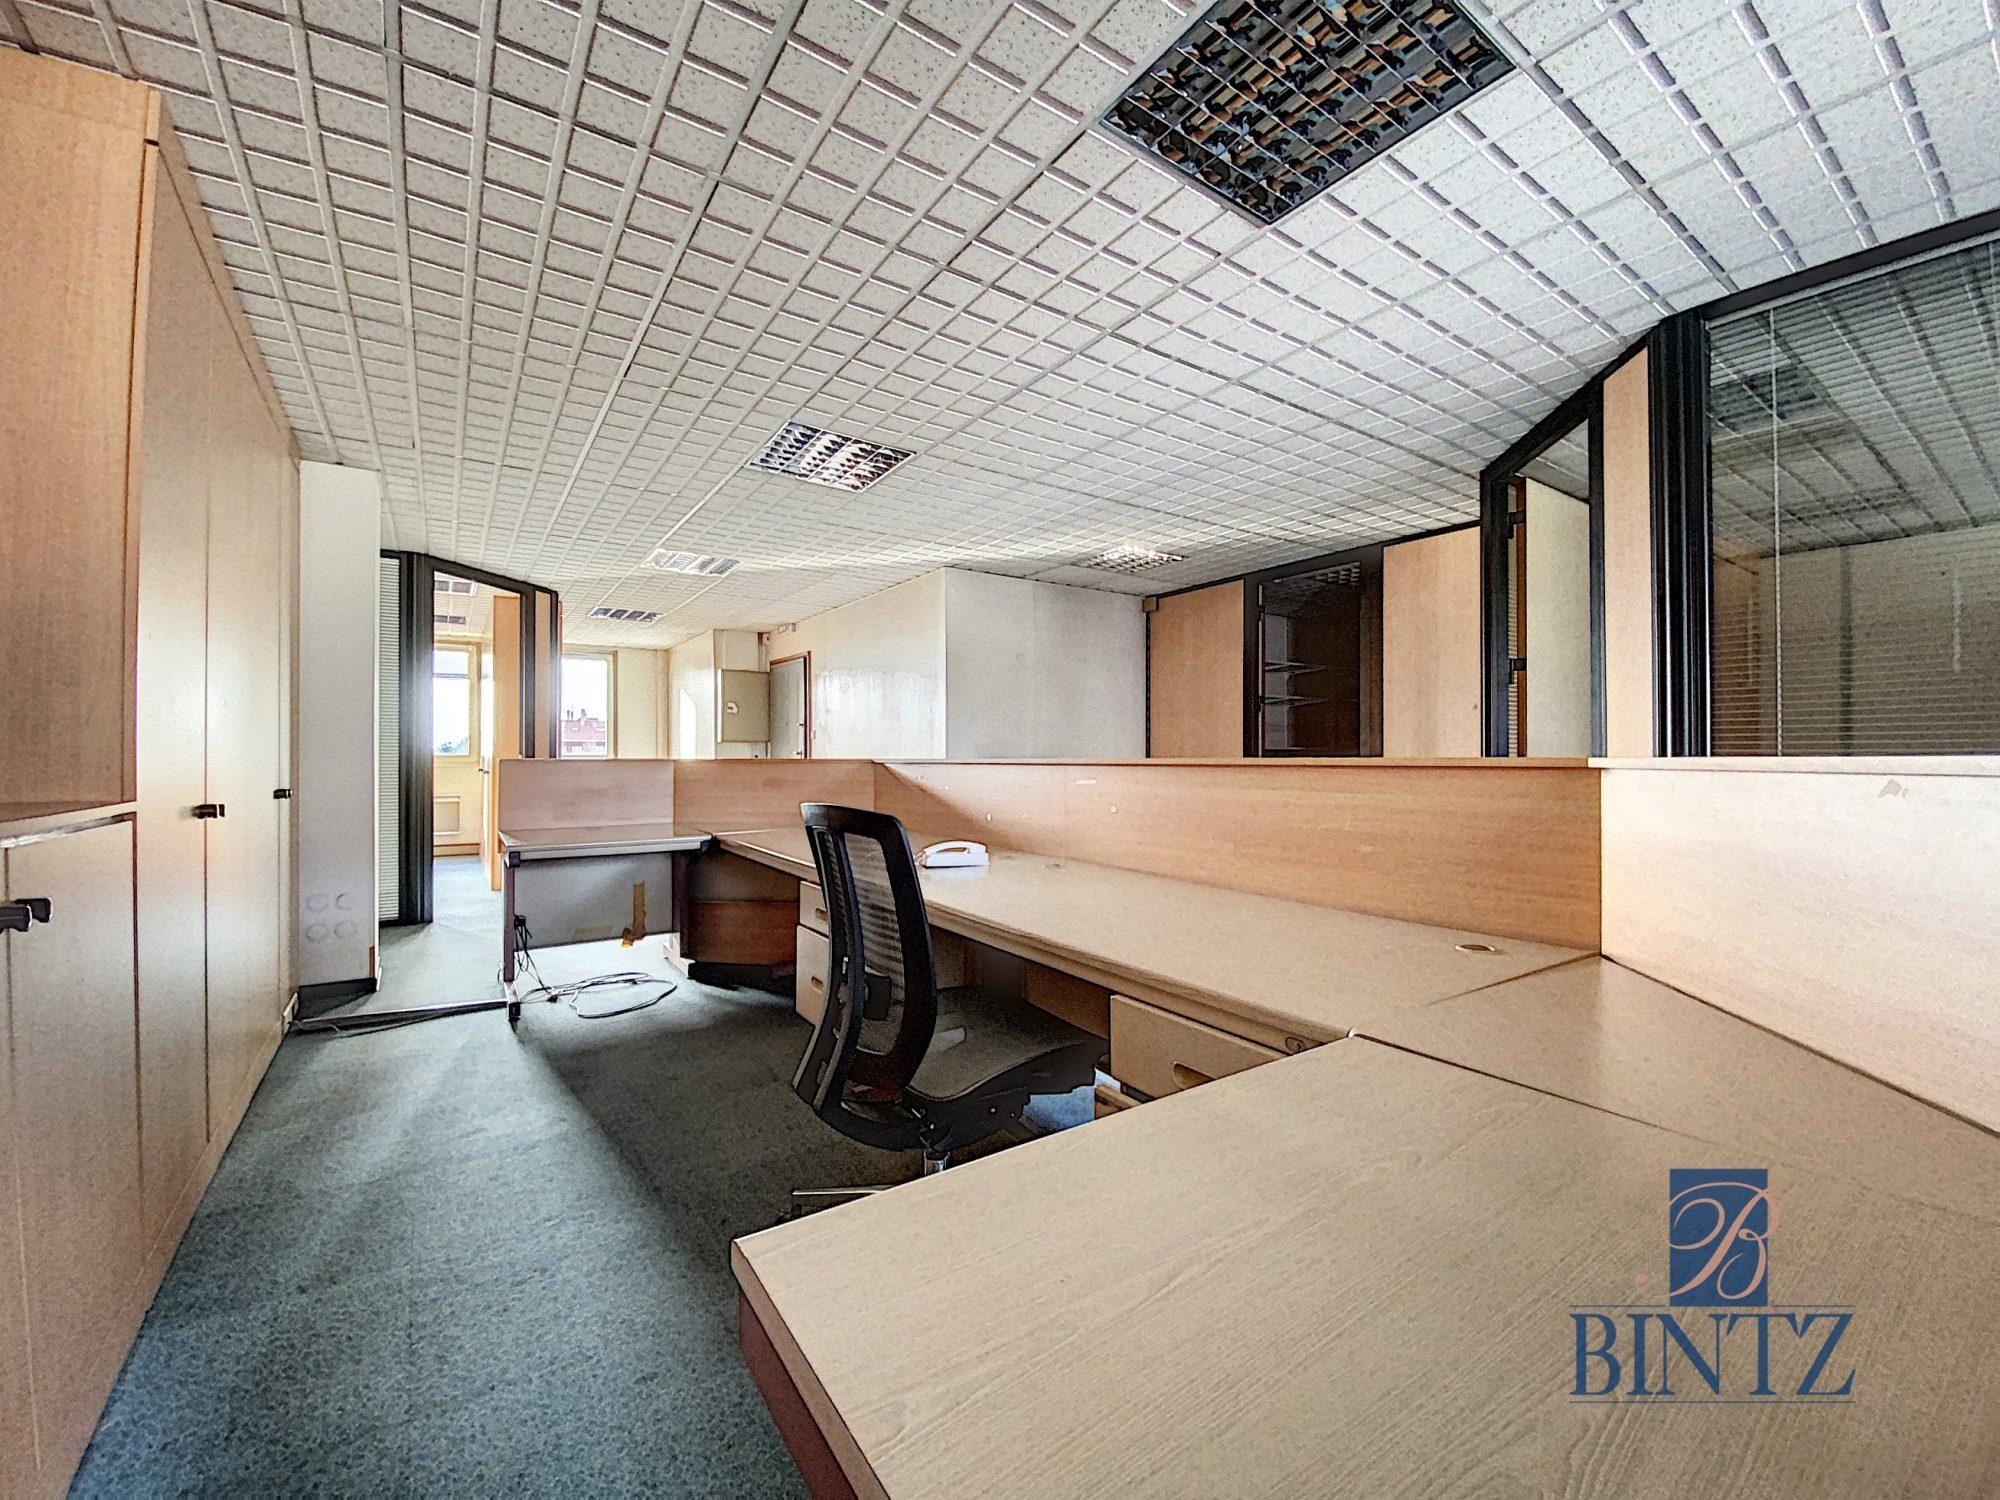 Bureaux à louer – 250m2 Quartier Fisher à Schiltigheim - Devenez locataire en toute sérénité - Bintz Immobilier - 7